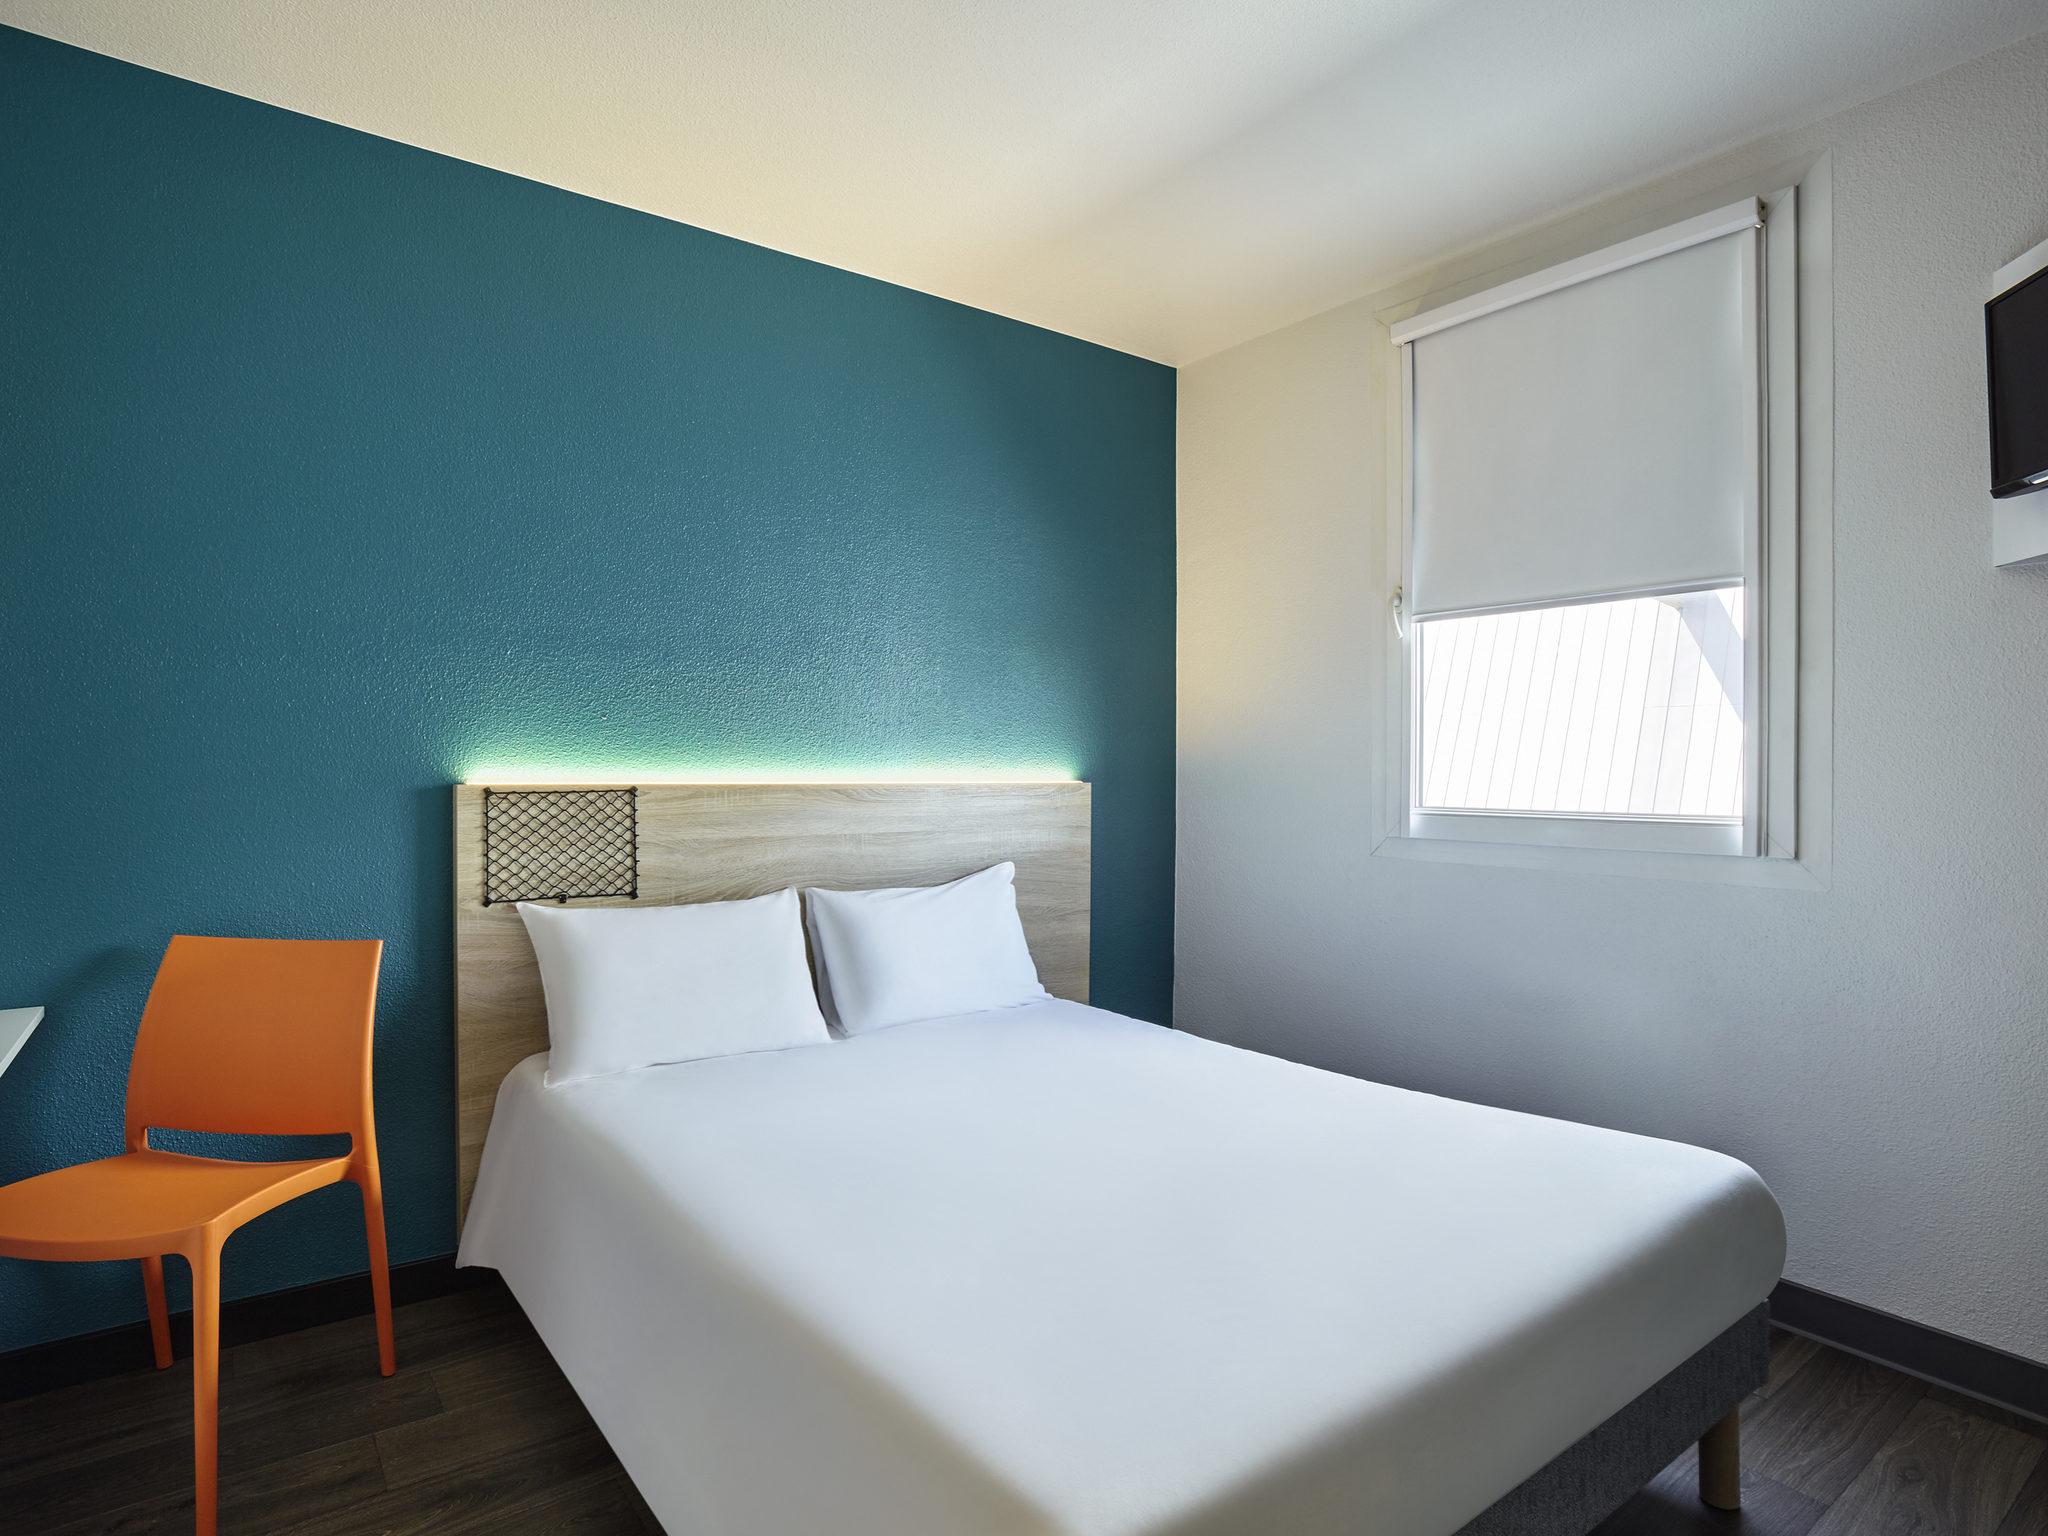 Hotel in BAYONNE hotelF1 Bayonne